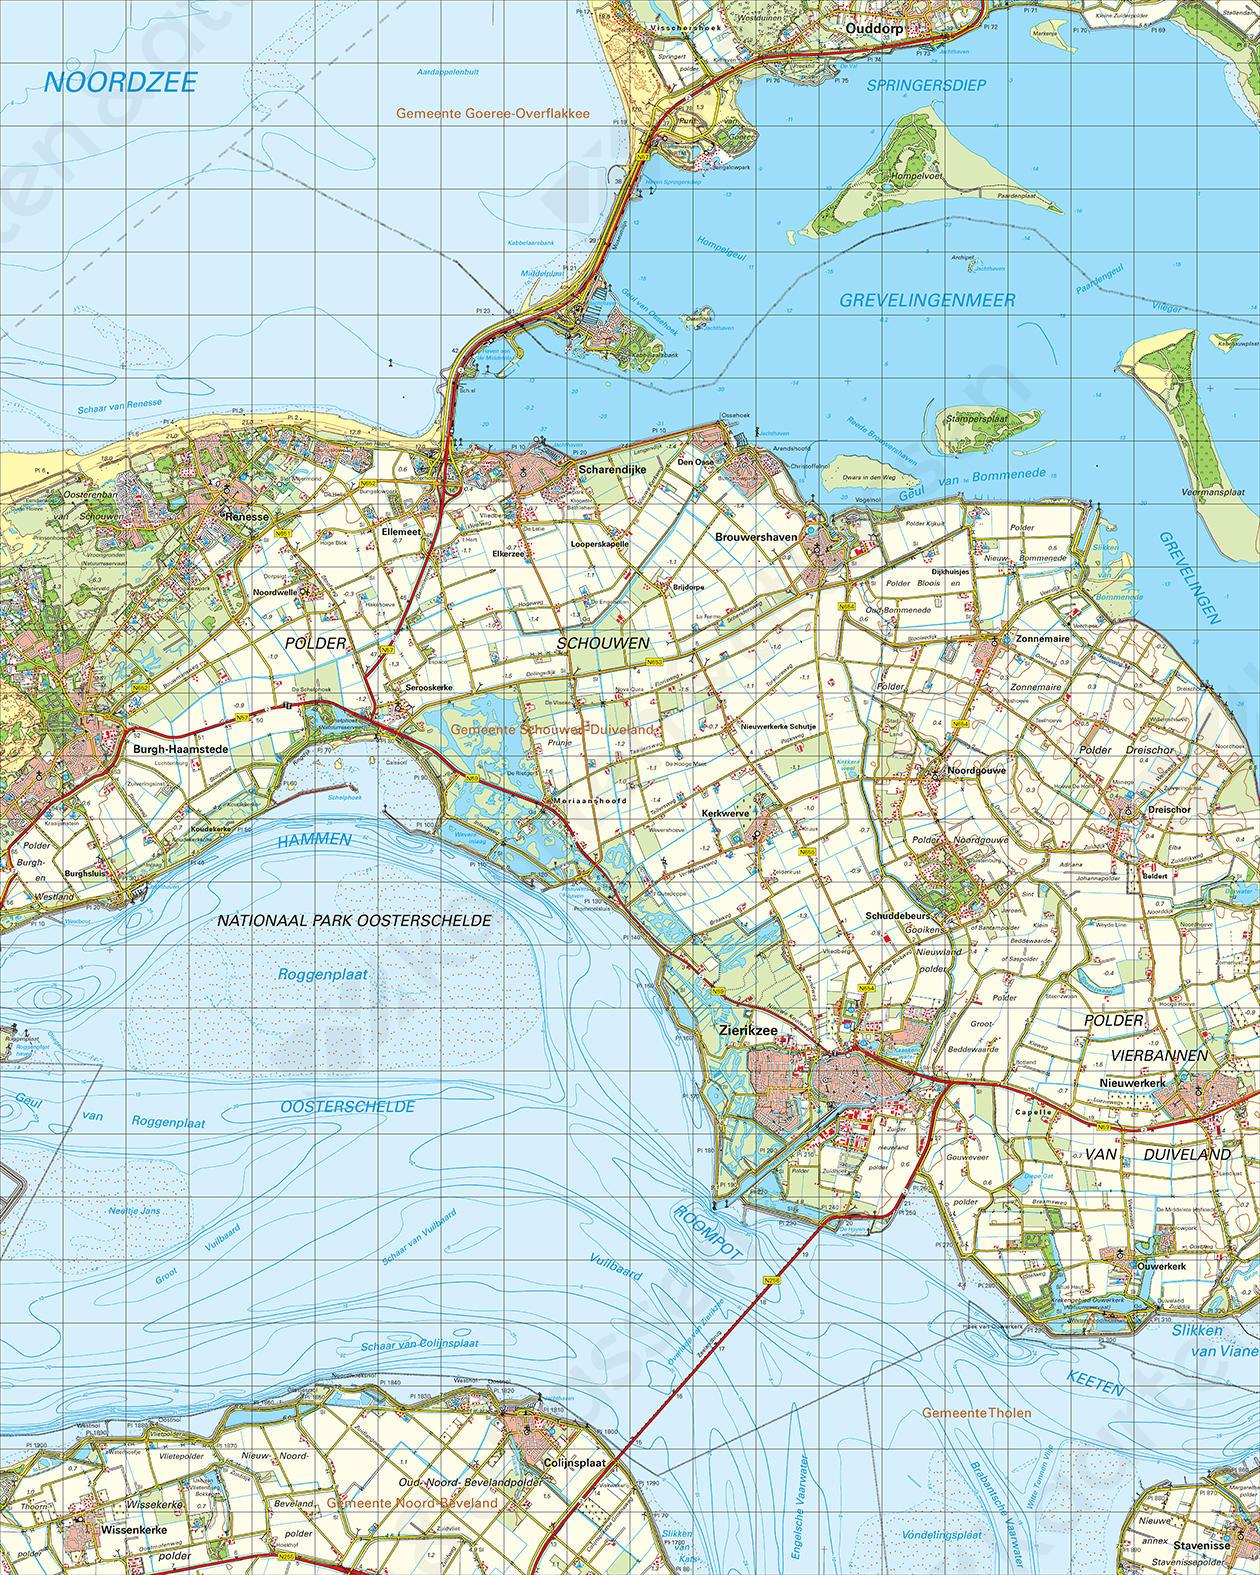 Topografische Kaart 42 Oost Zierikzee